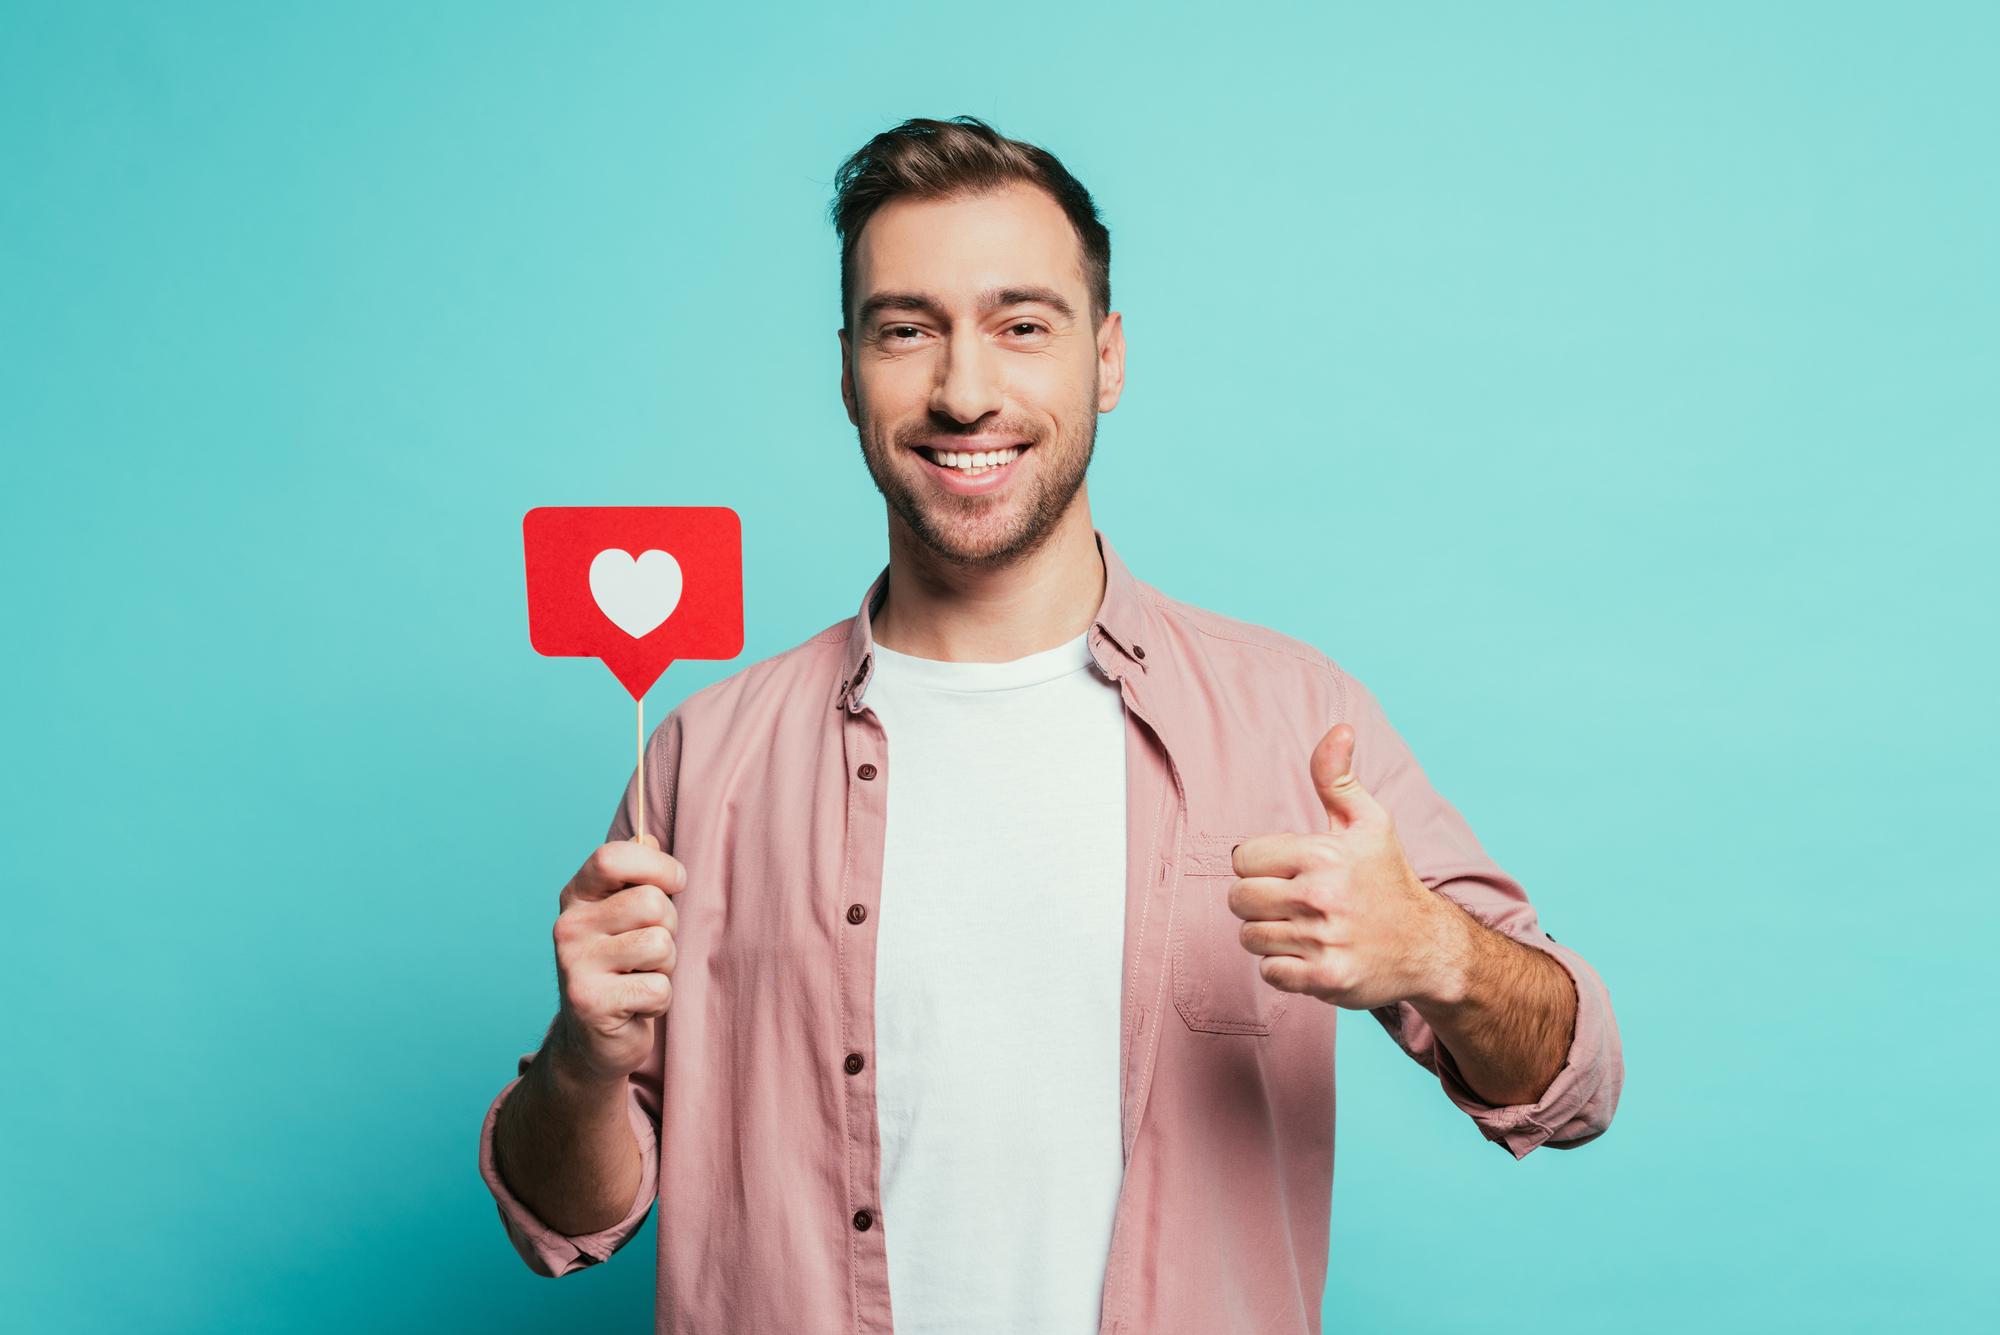 Männer Woran Erkennt Man Dass Sie Verliebt Sind Partnersuche Magazin Von Rtl